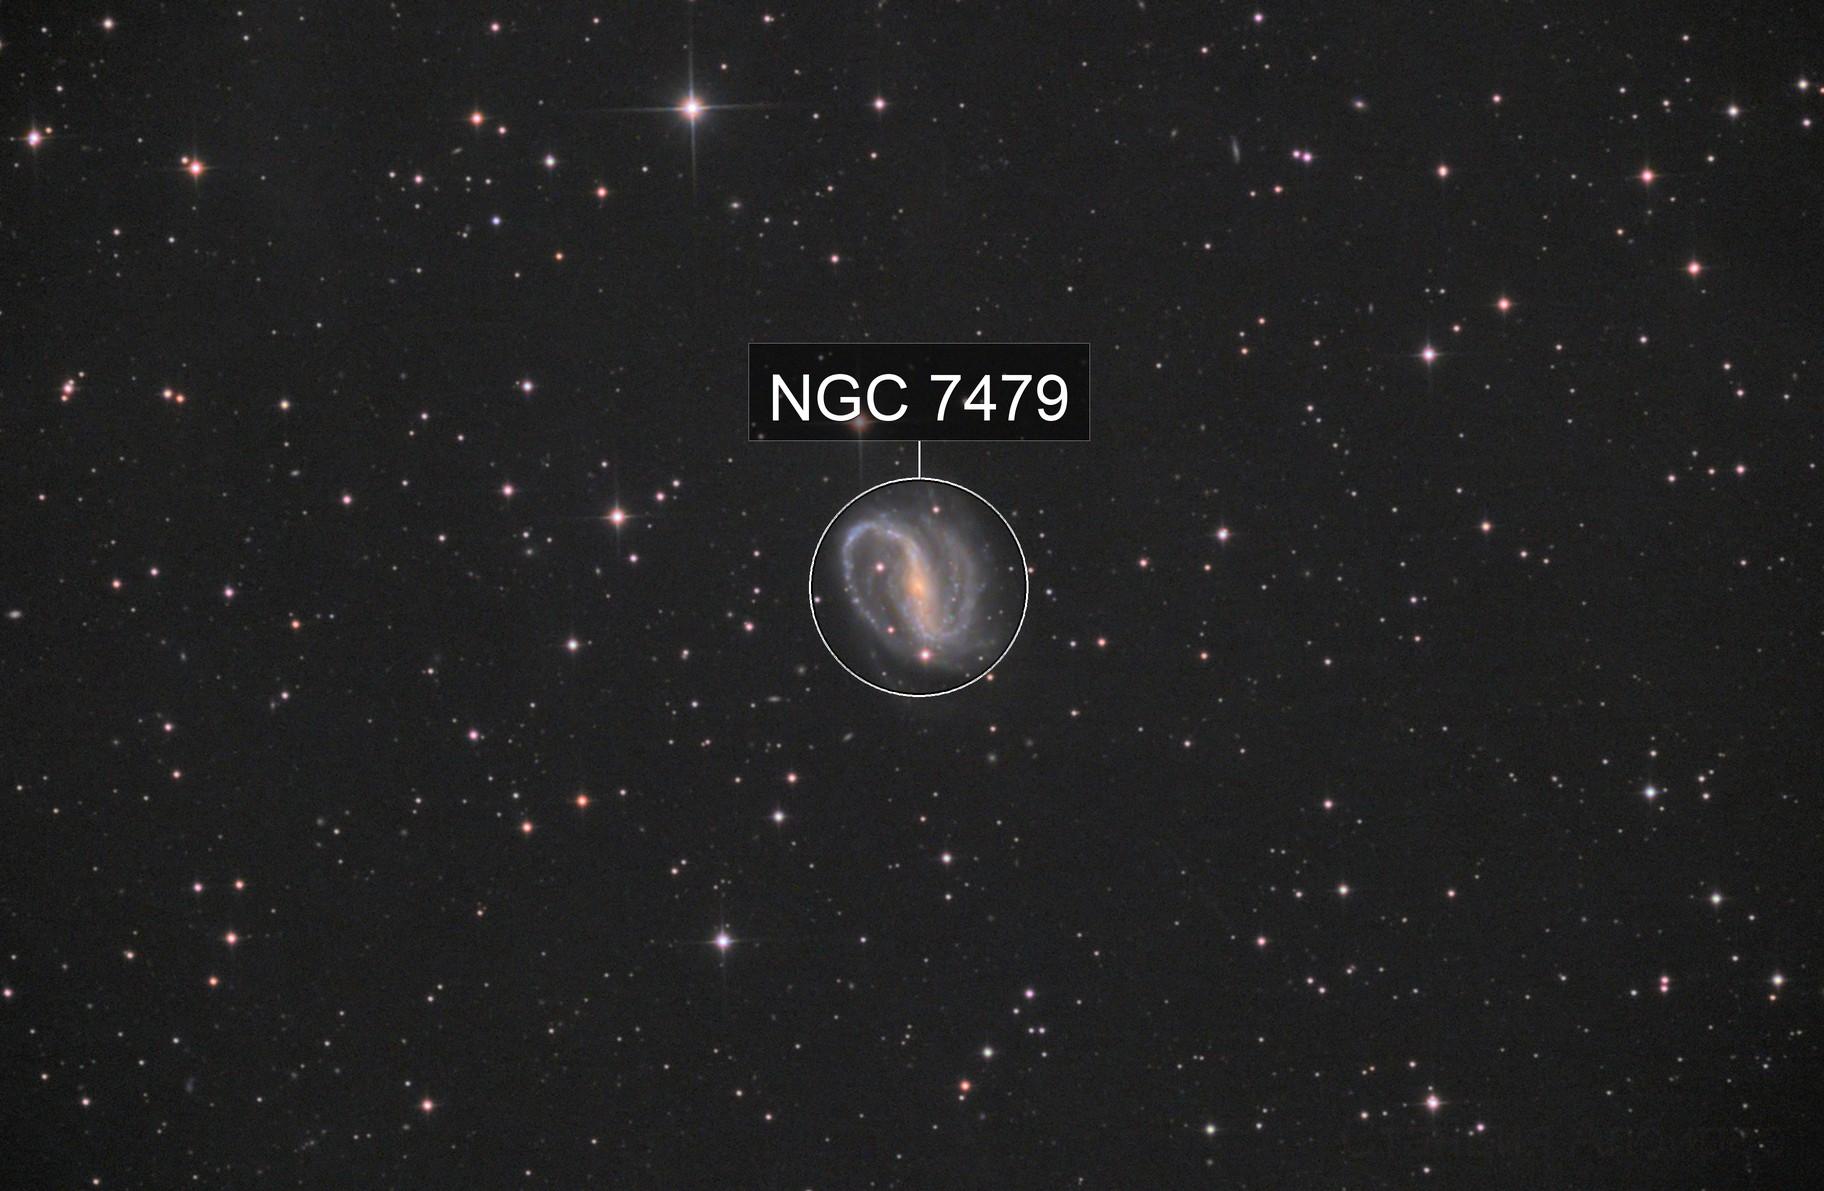 NGC74 79